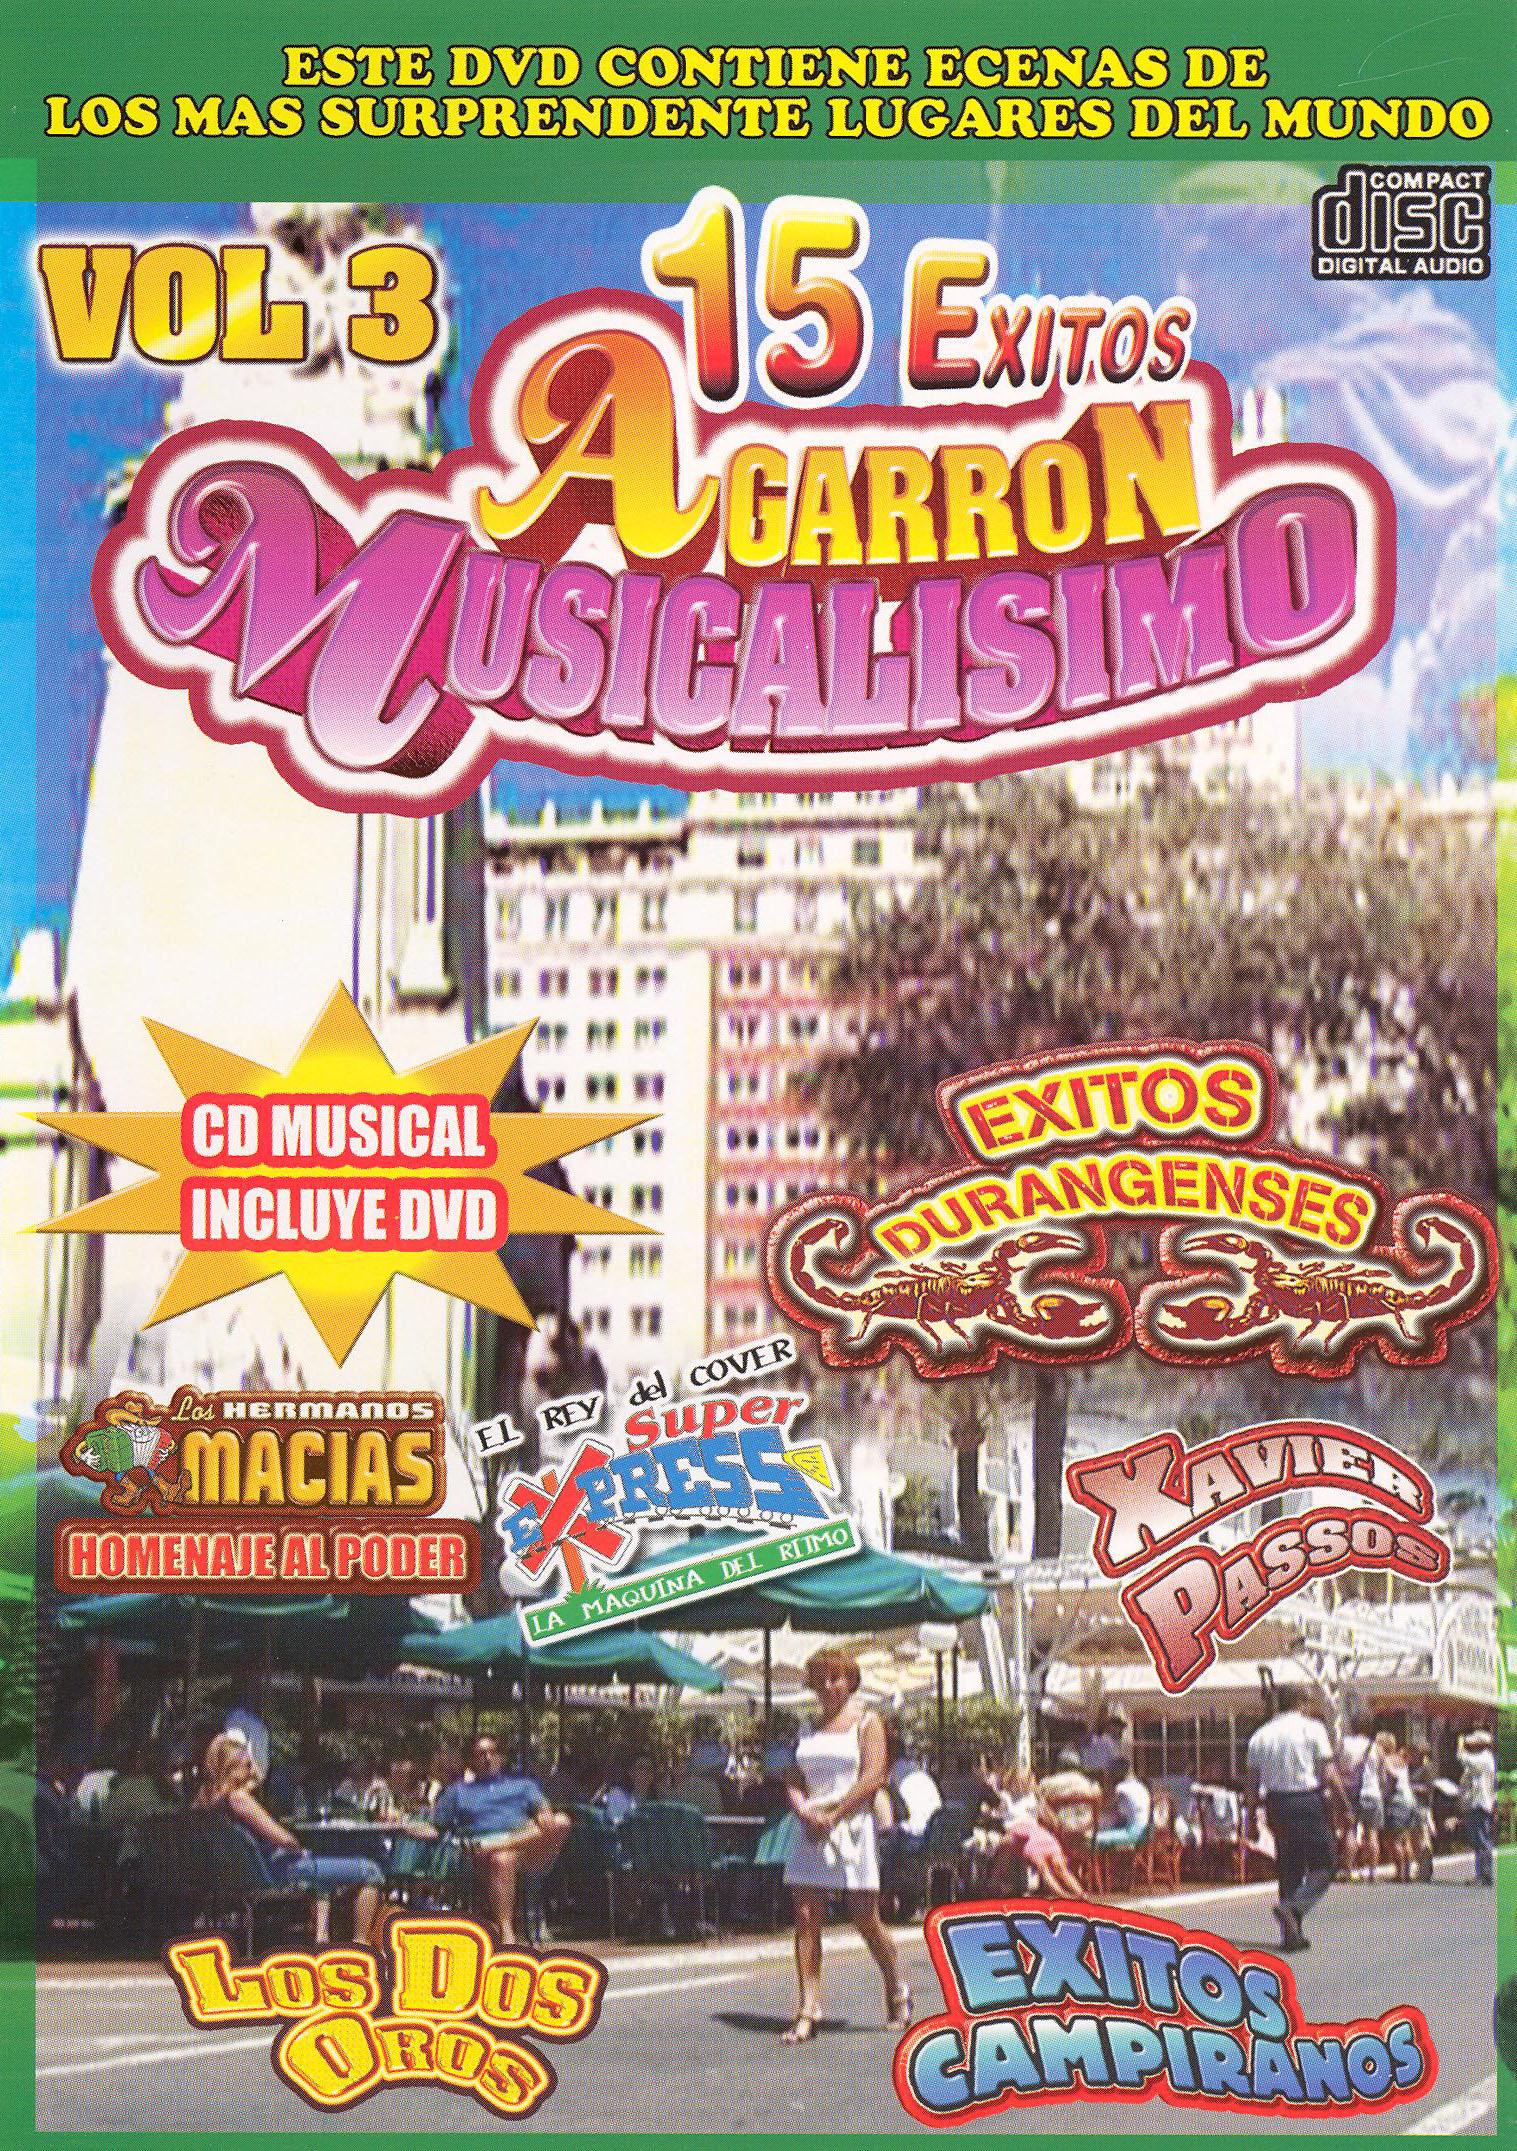 15 Exitos Agarron Musicalisimovol, Vol. 3